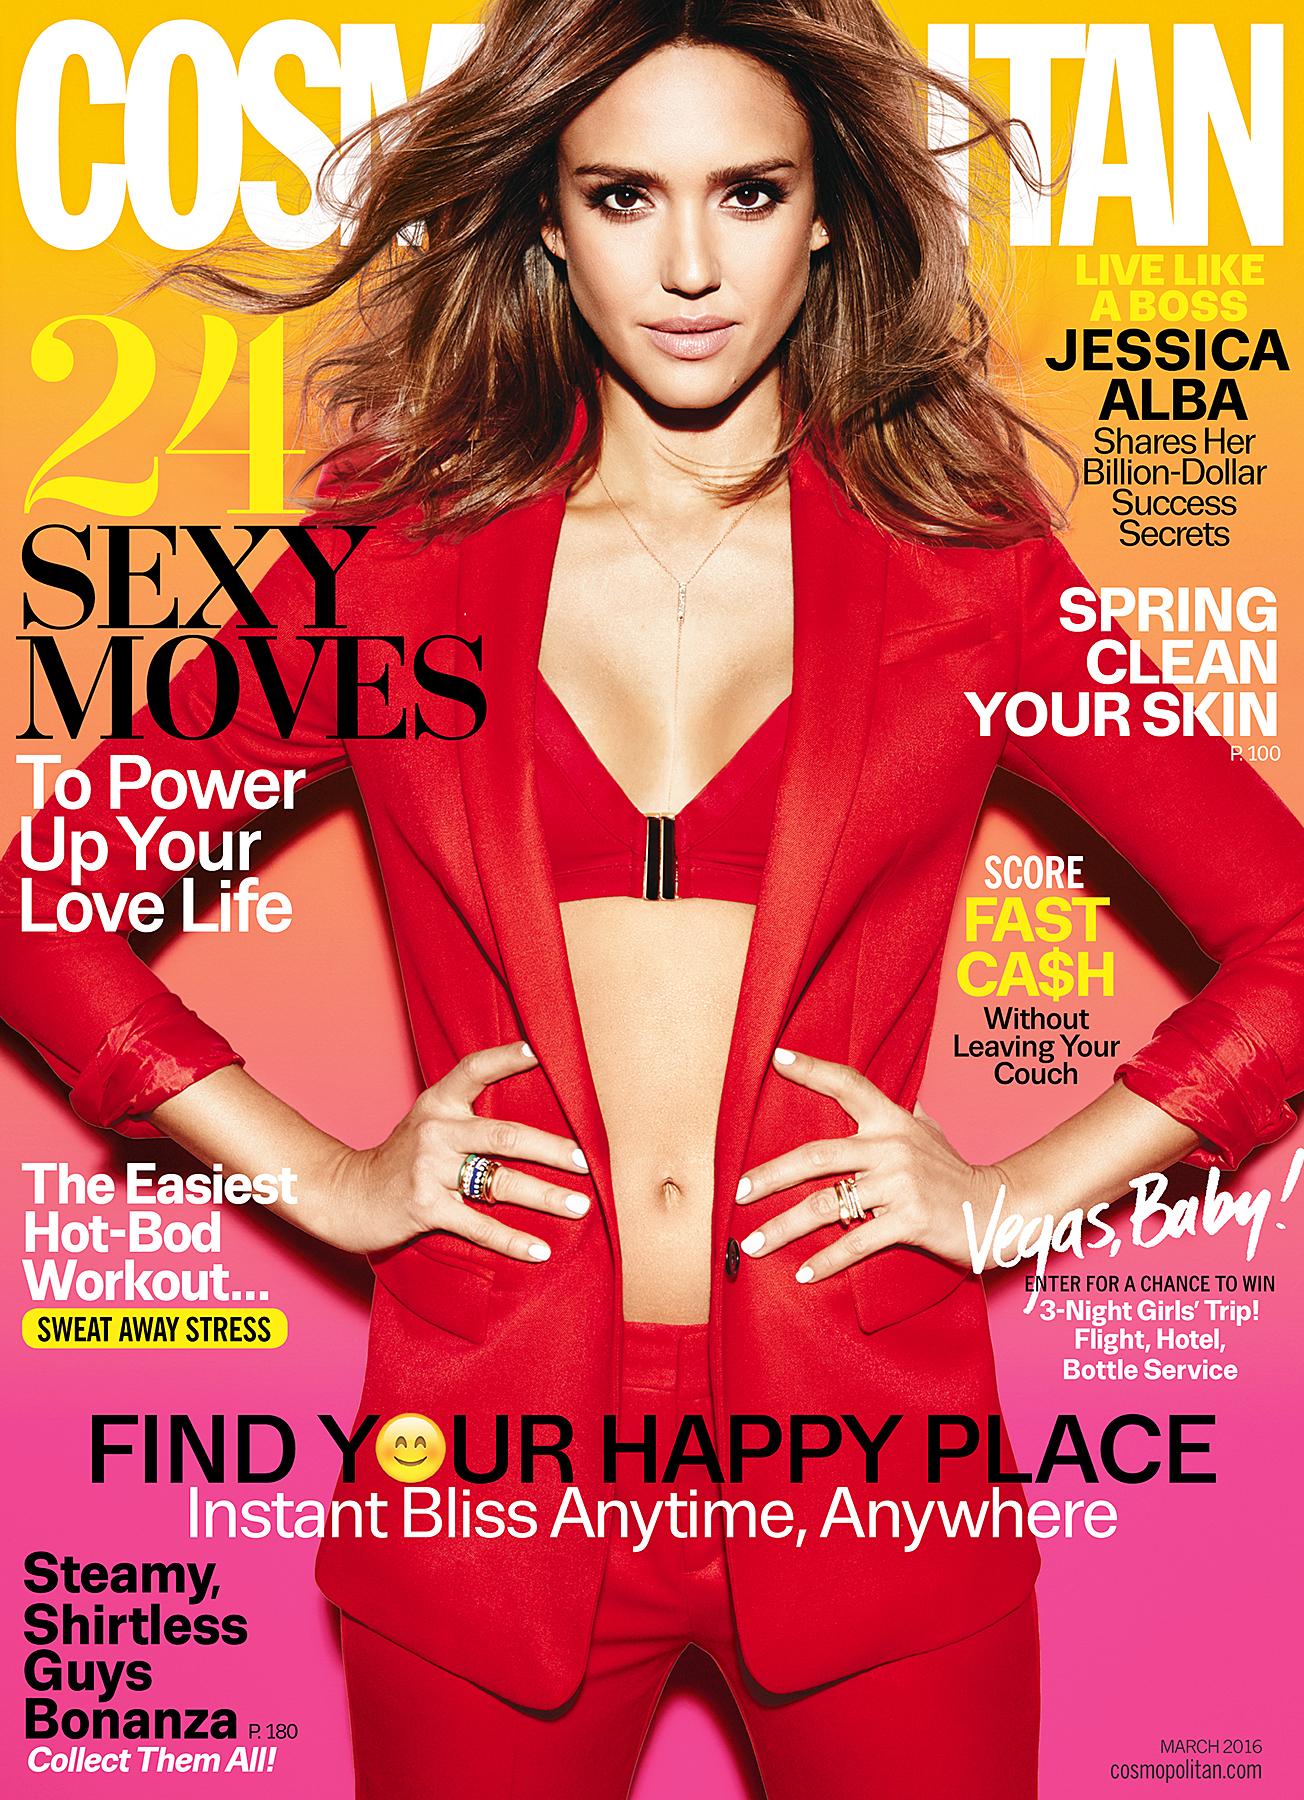 Jessica Alba on the cover of 'Cosmopolitan'